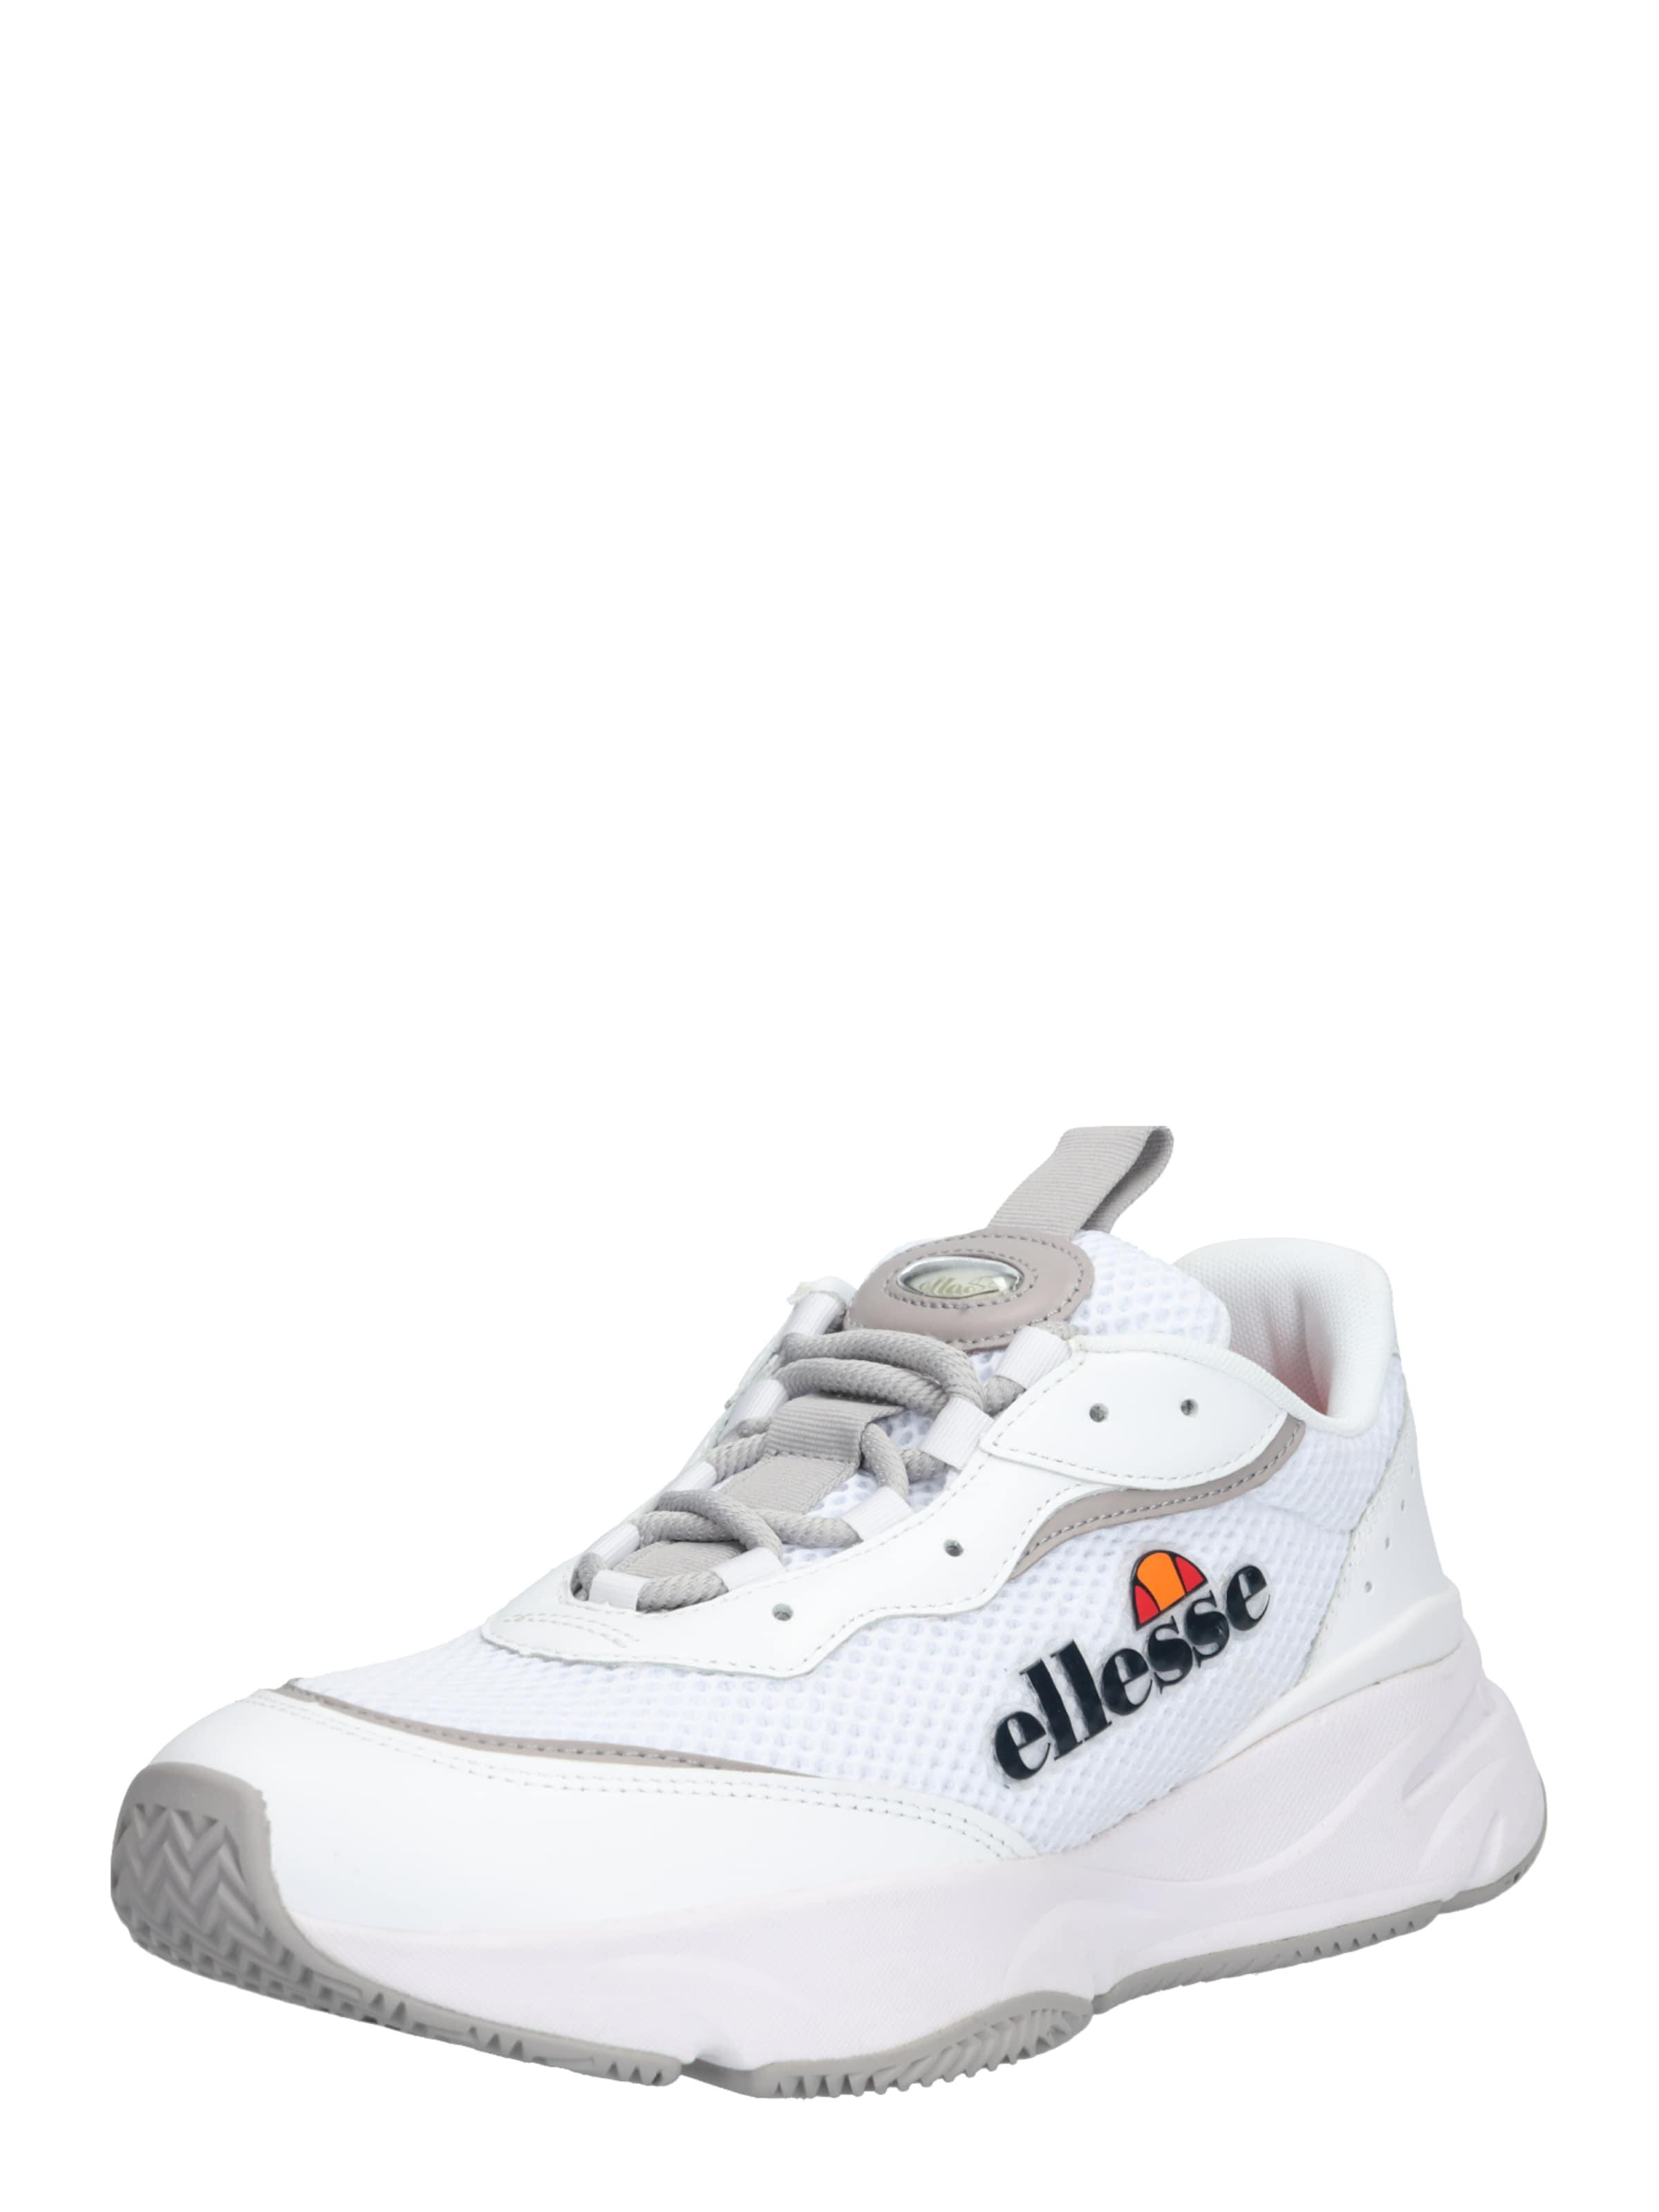 Ellesse Weiß Weiß Sneaker In Sneaker Ellesse Sneaker Sneaker In Ellesse Ellesse Weiß In dBoxCe